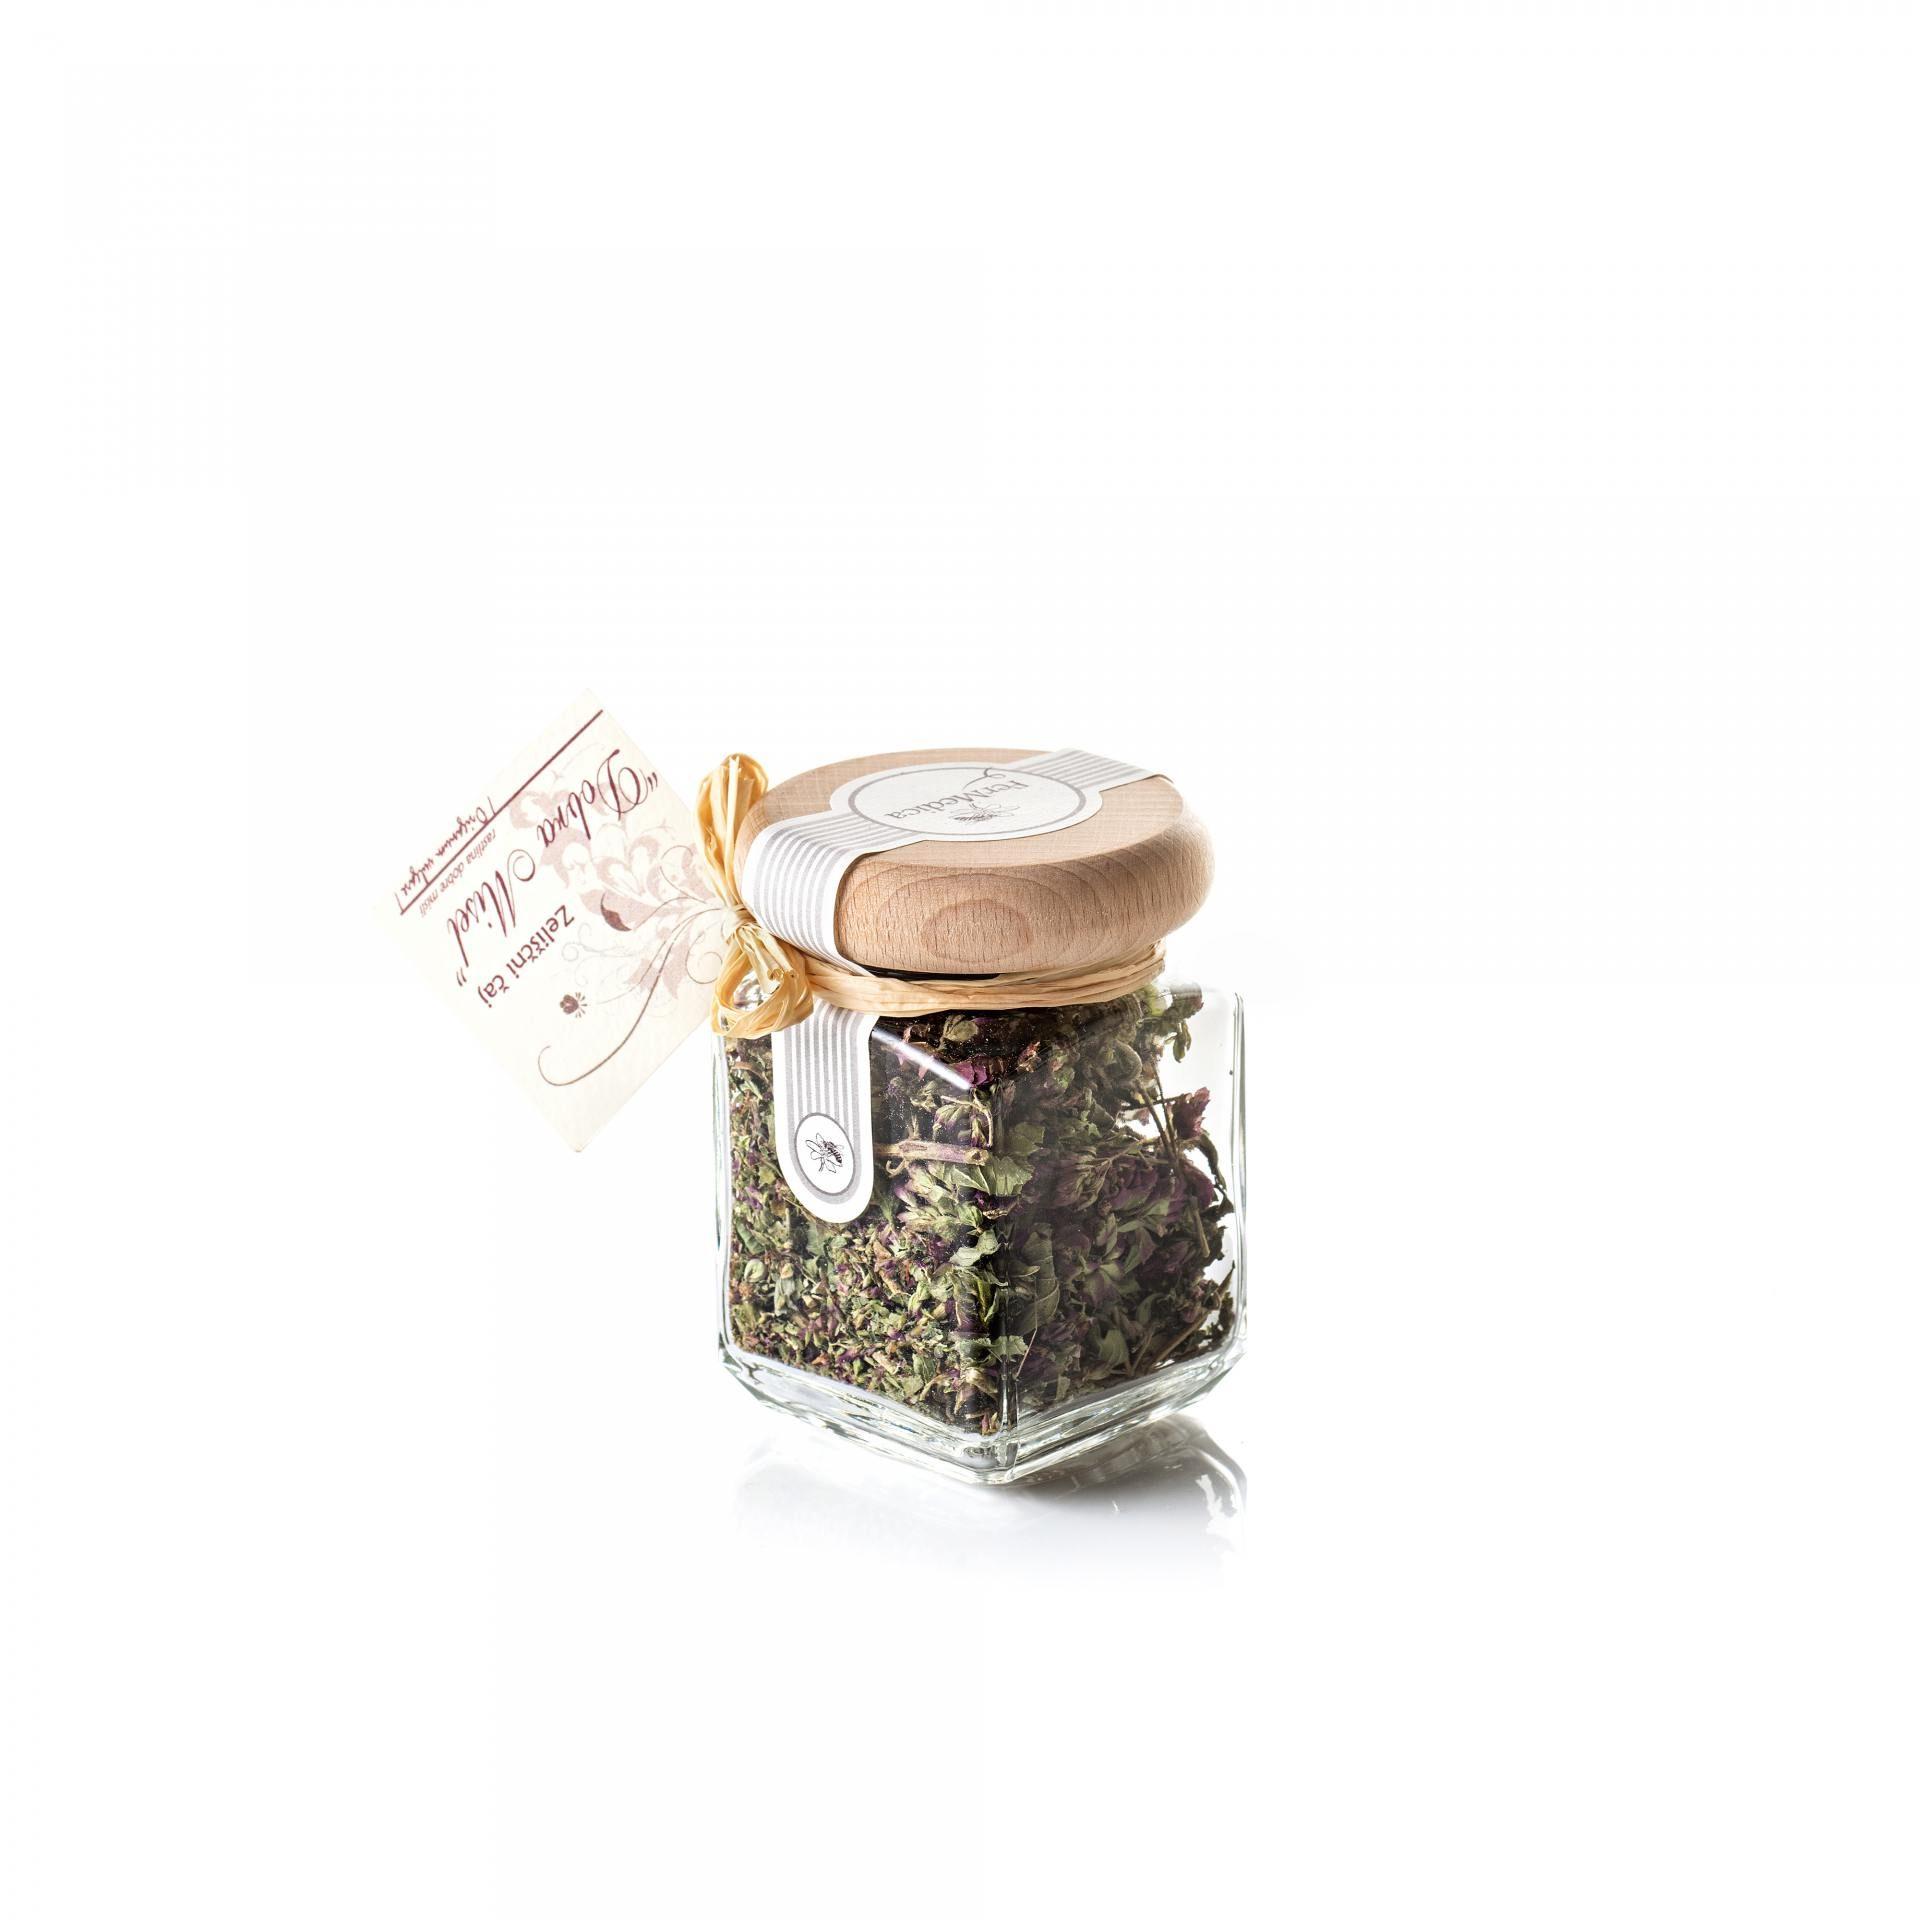 Med in žganje, med z dodatki, darilni seti v lični embalaži fermedica 76